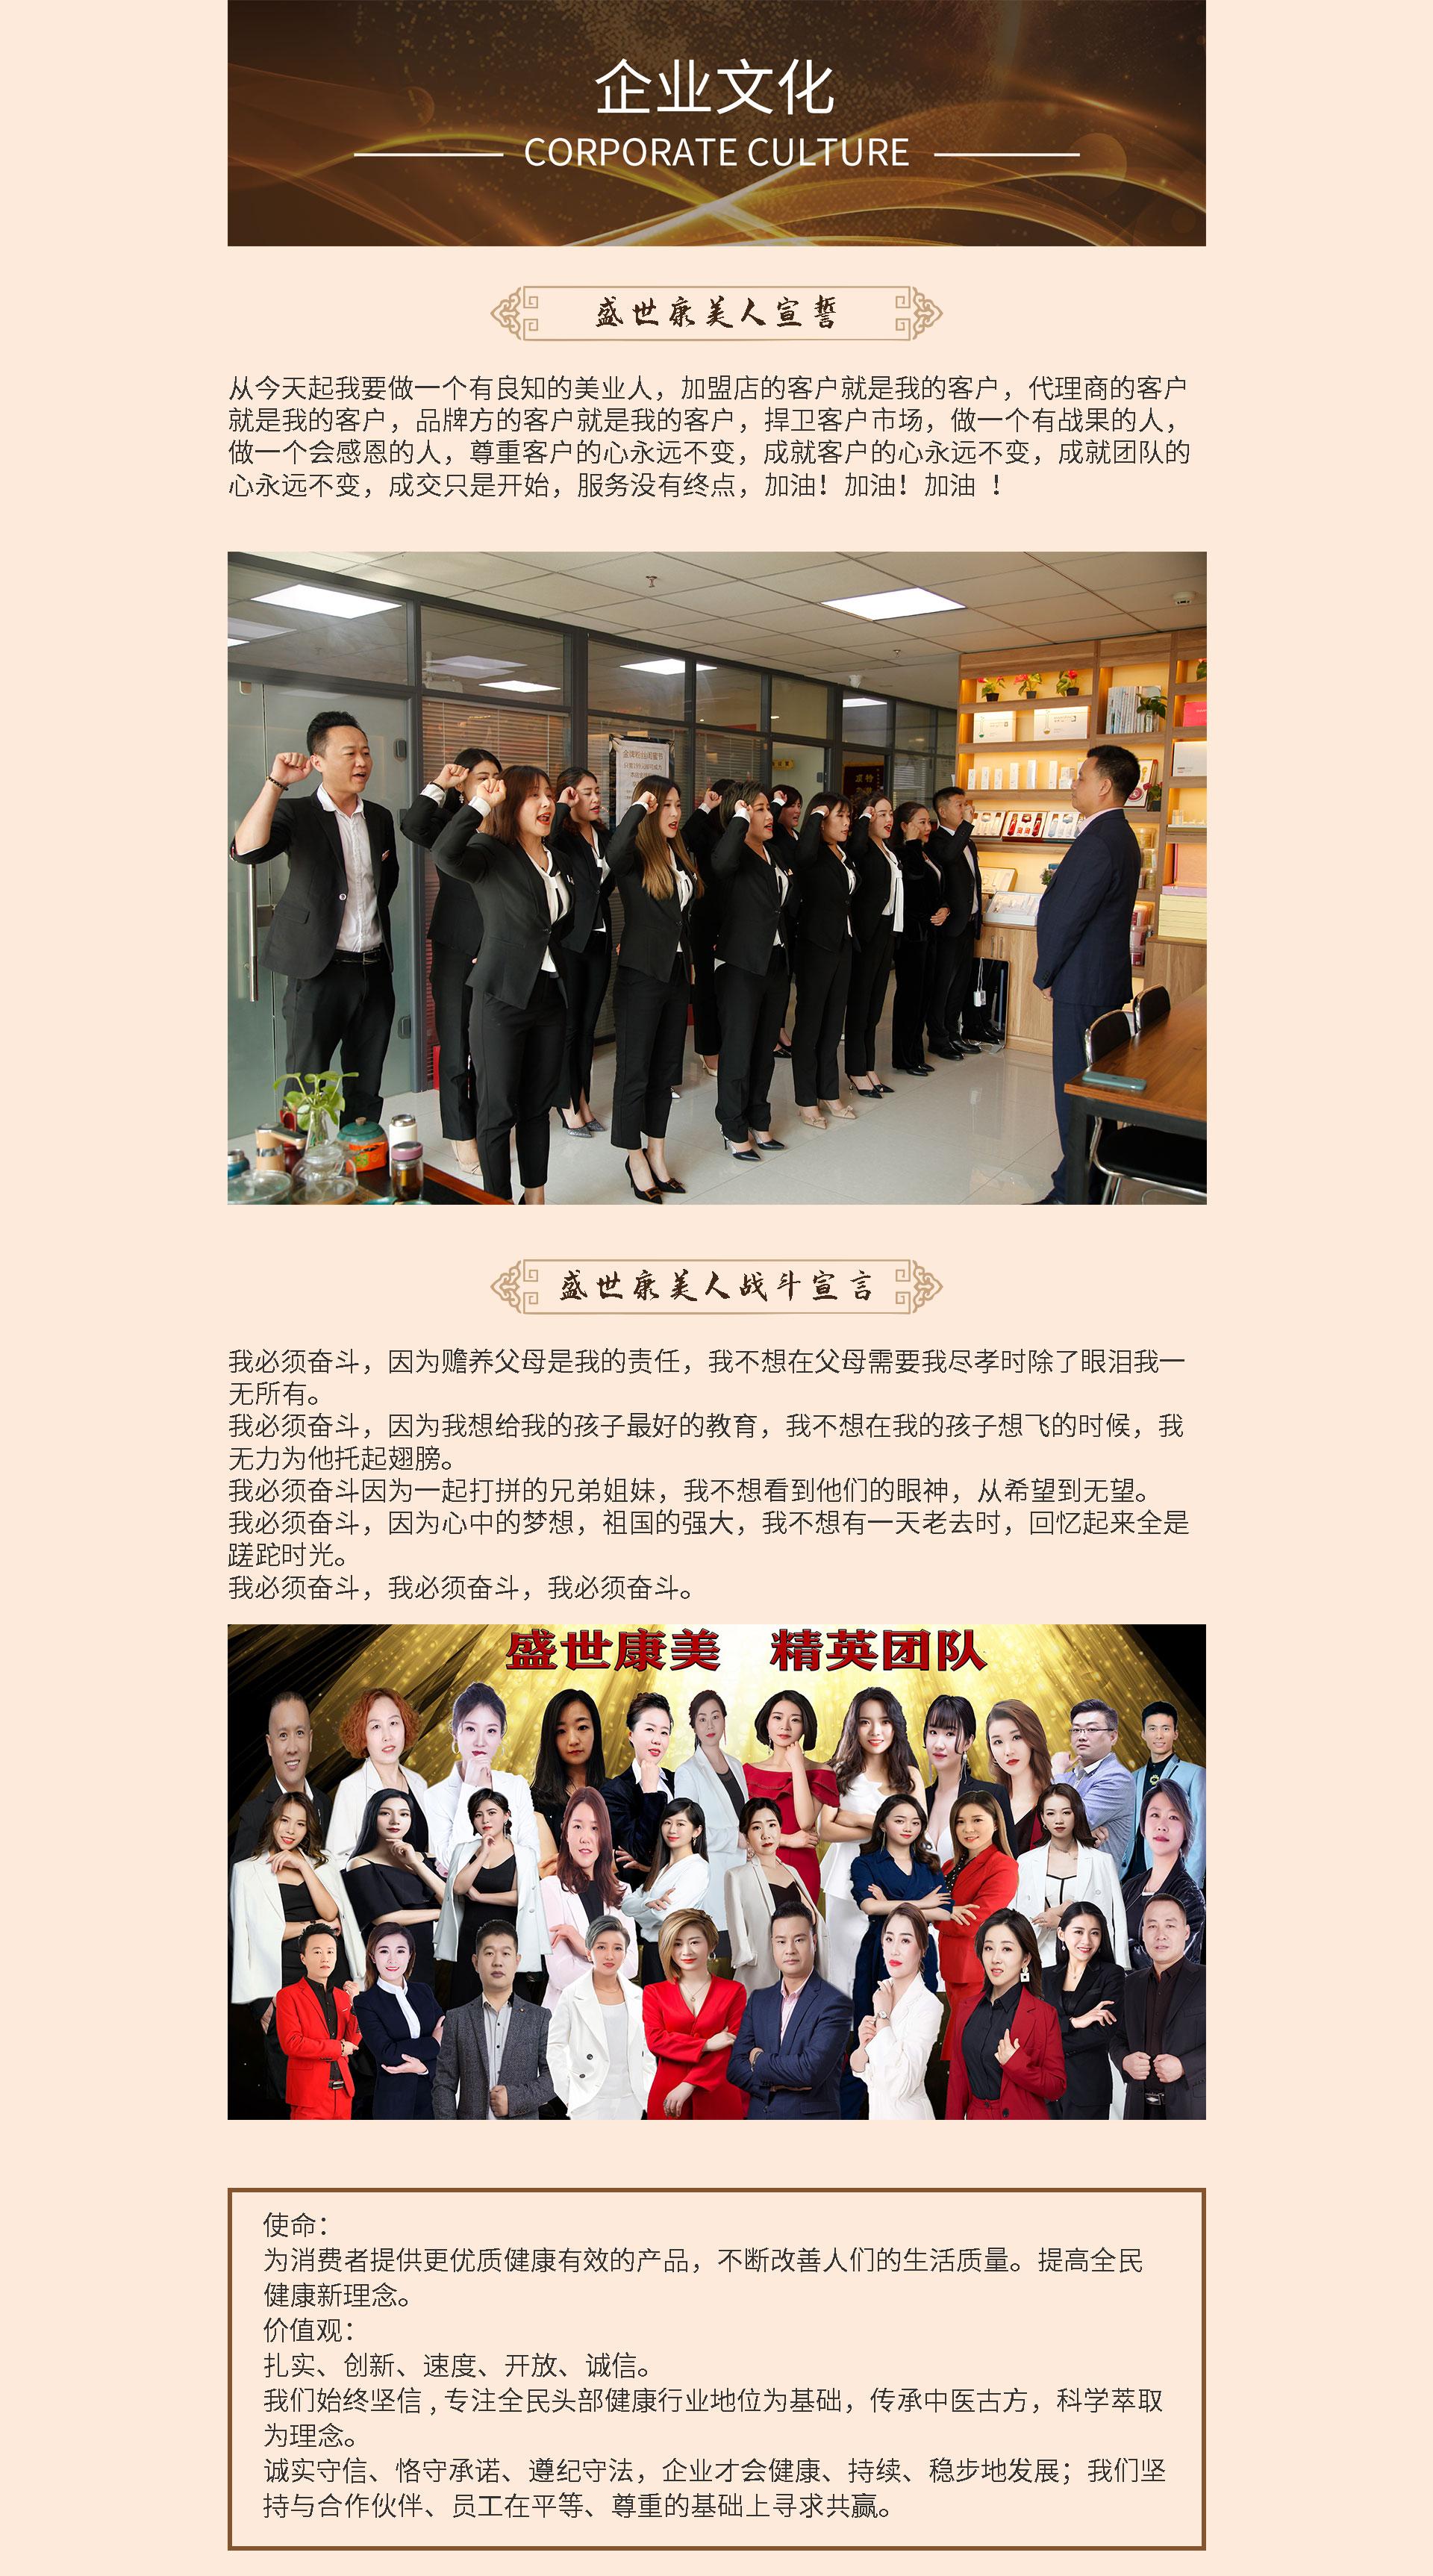 新疆企业文化